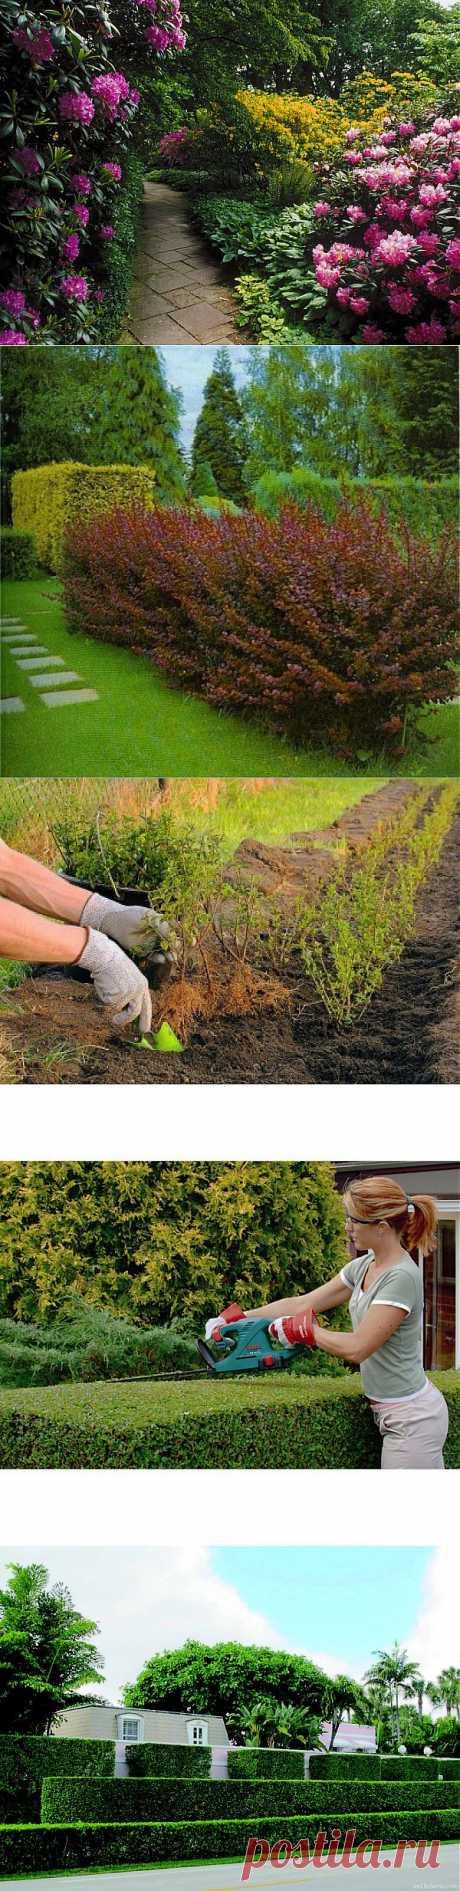 Живая изгородь: посадка и формирование   Наш дом